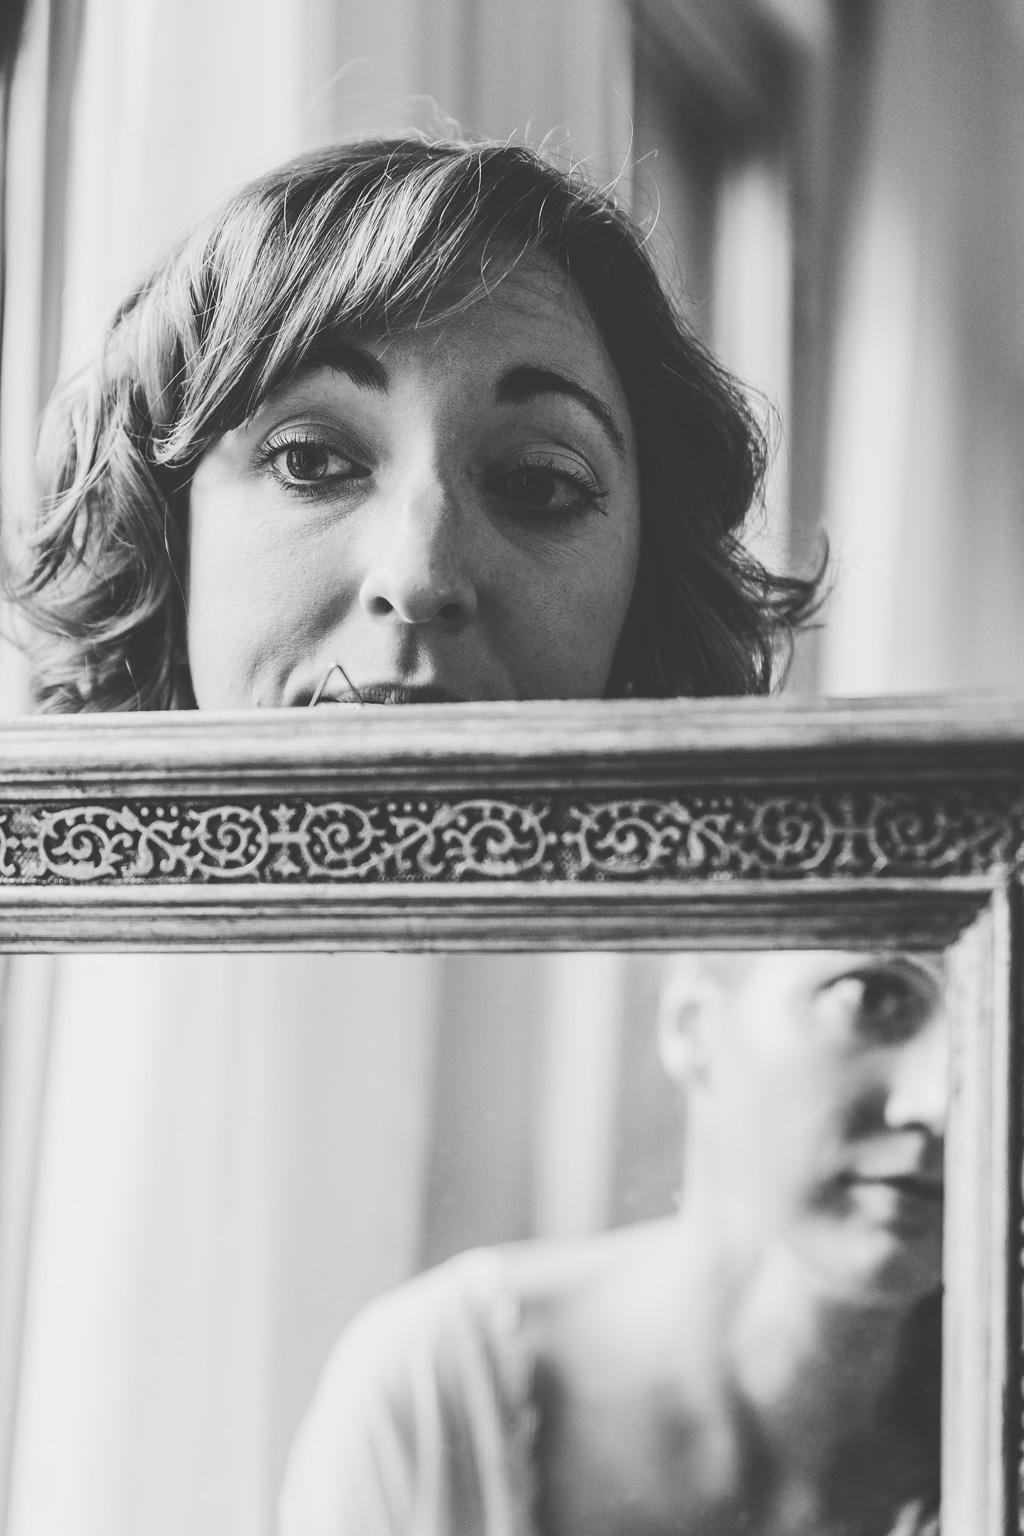 Un gioco di specchi fotografato da Della Savia Alessandro